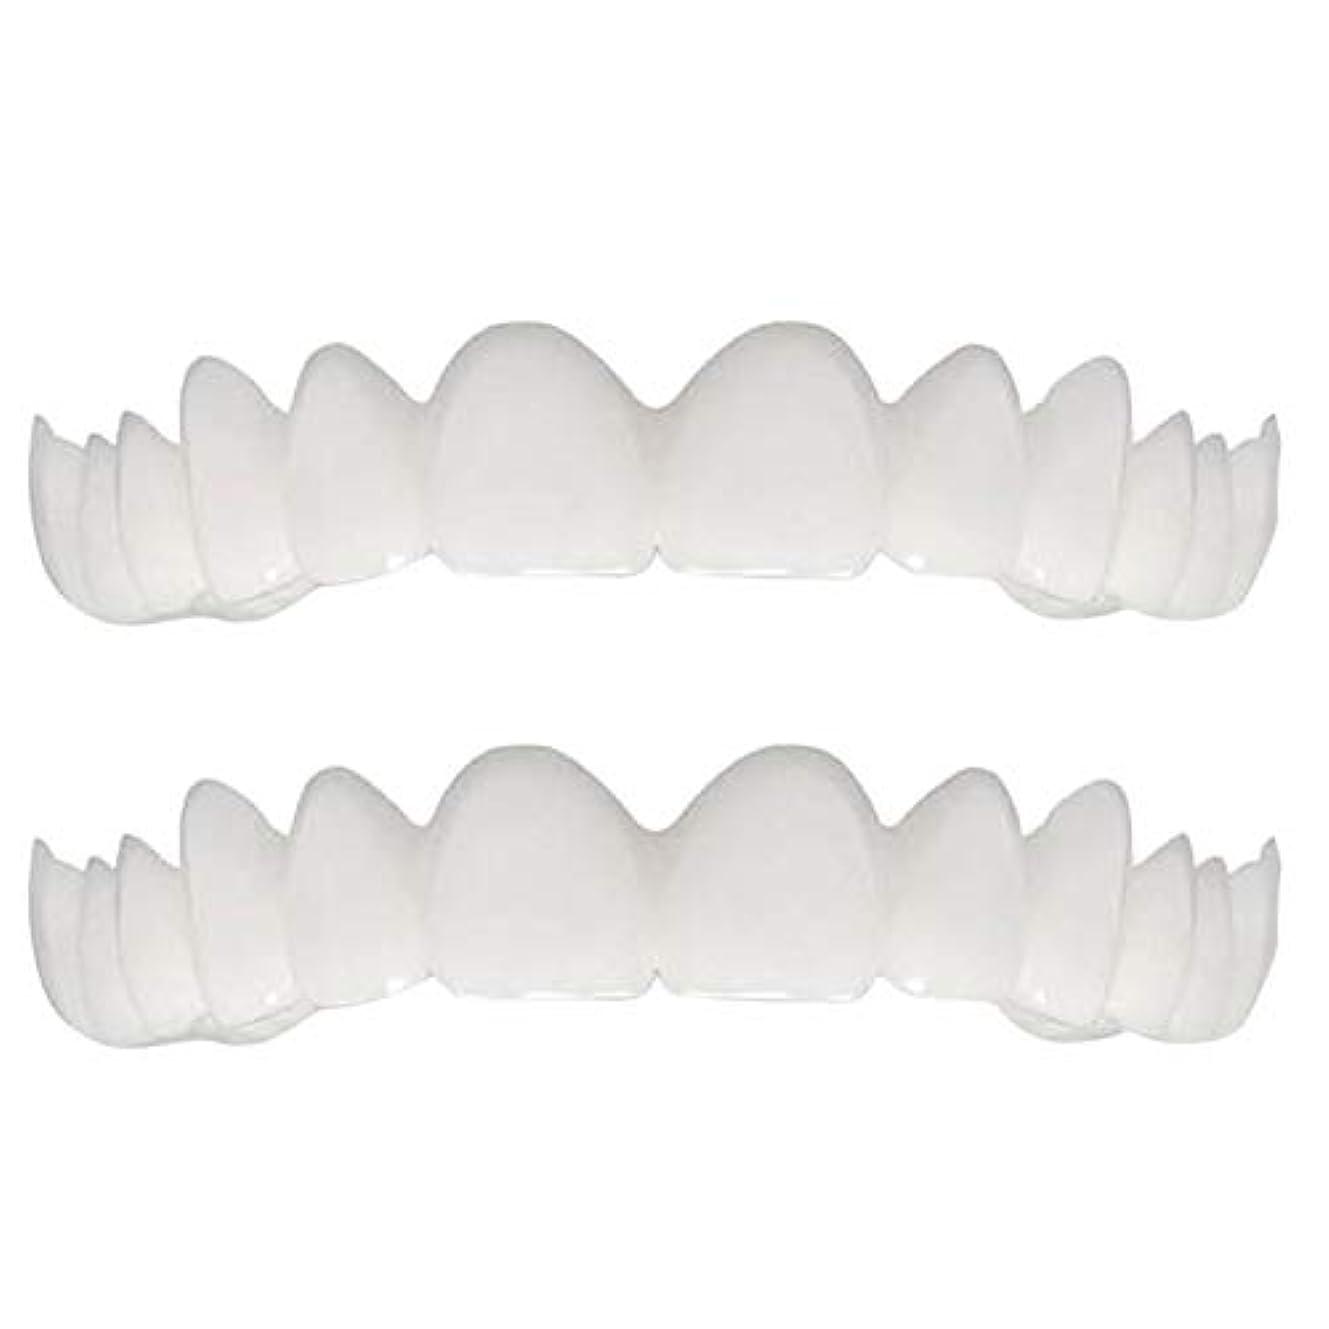 中野心賢明なシリコーンシミュレーション義歯、白い歯ブレースの上下の列(5セット),Boxed,UpperLower